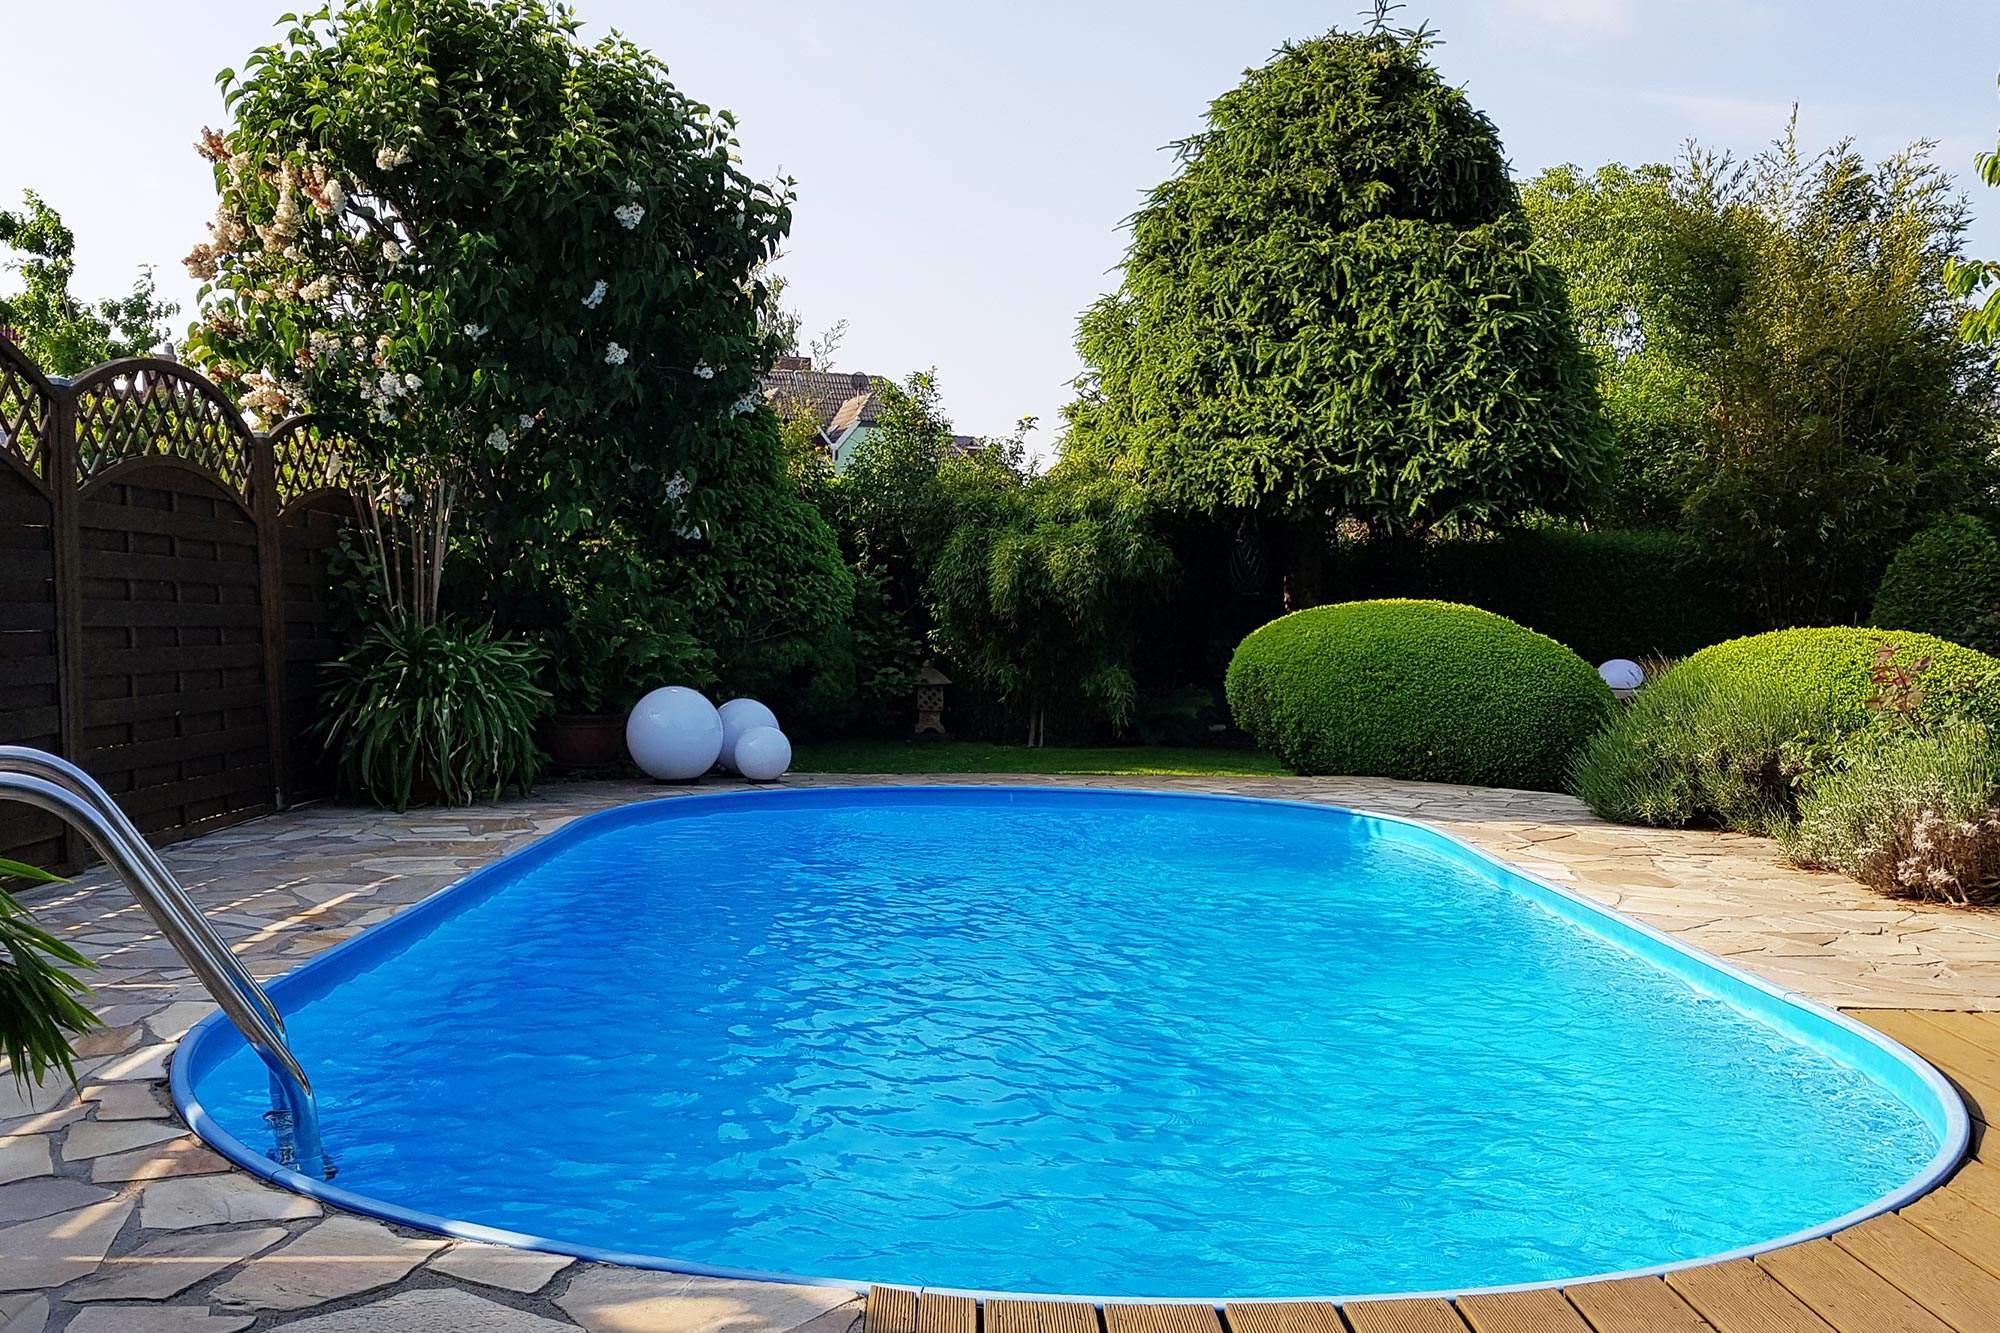 Garten Pool anlegen Header